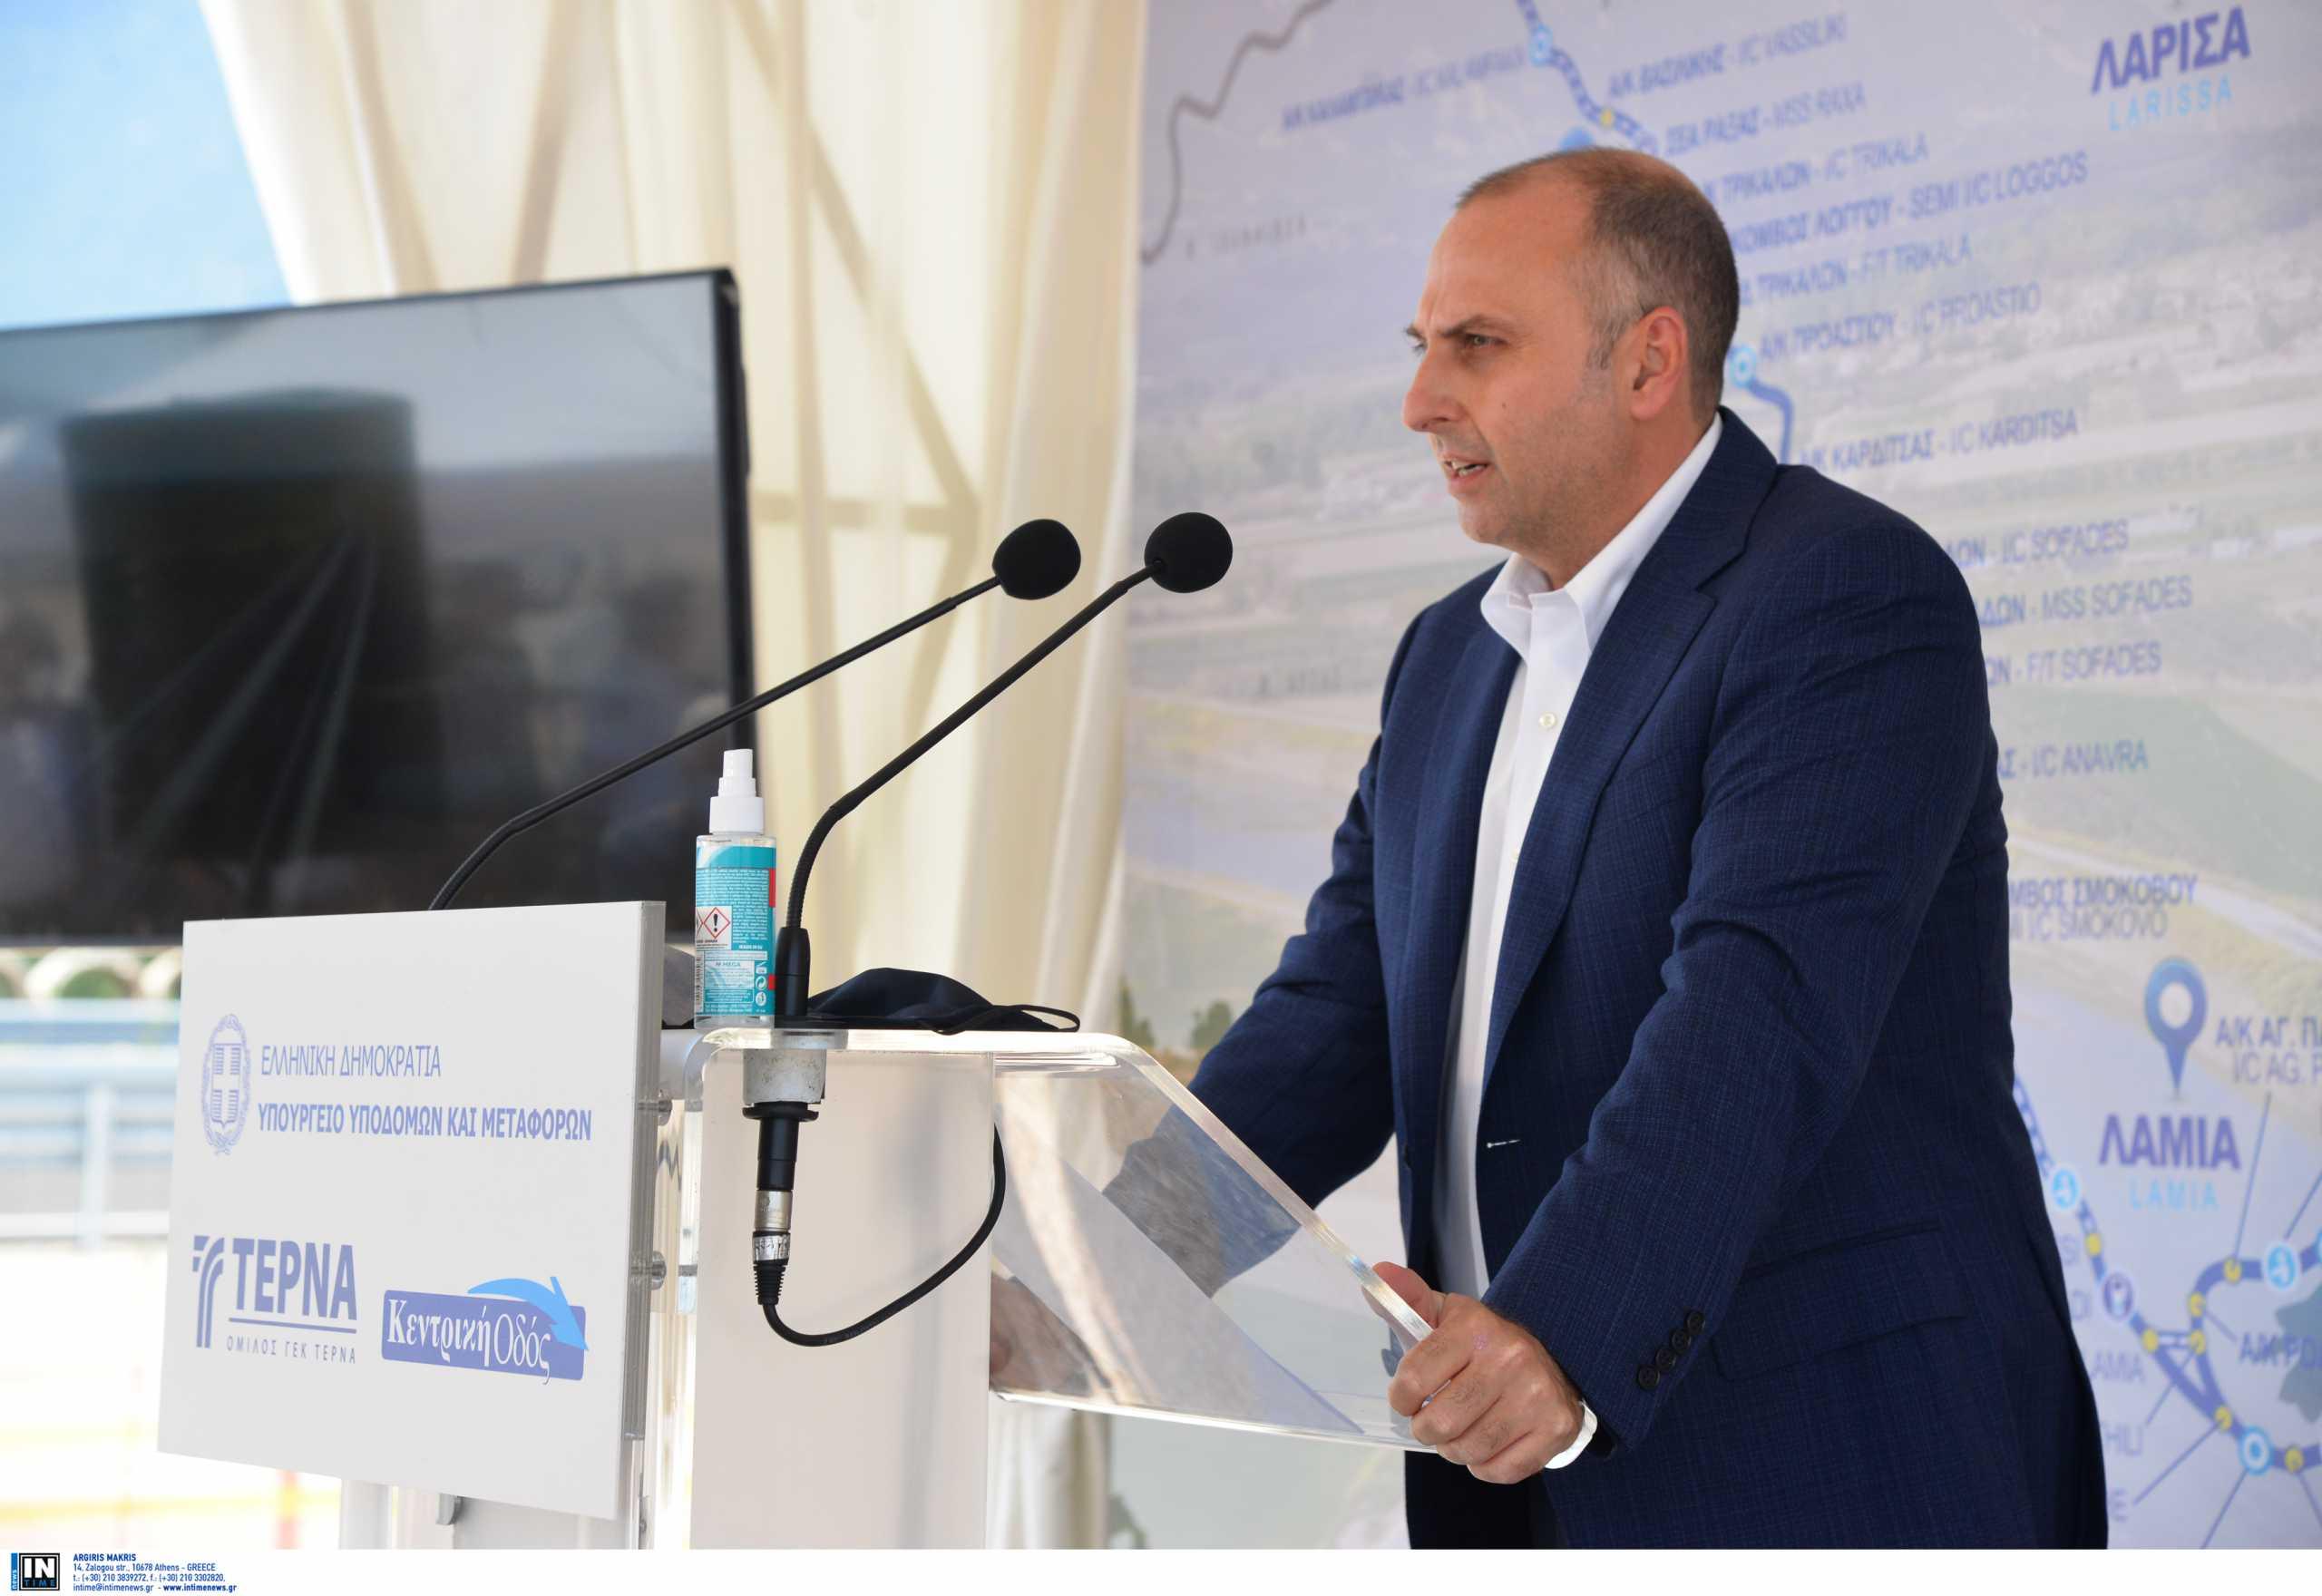 Γιώργος Καραγιάννης: «Στον χώρο των υποδομών αλλάζουμε σελίδα»